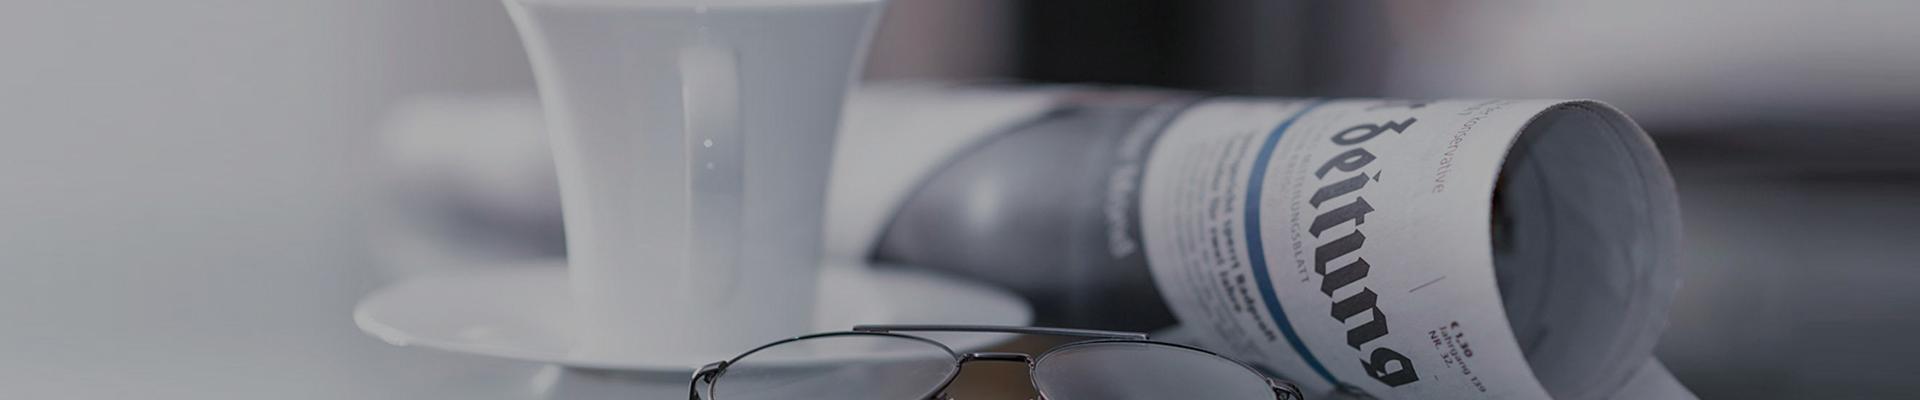 溫州富二代抖音電氣有限公司新聞詳情